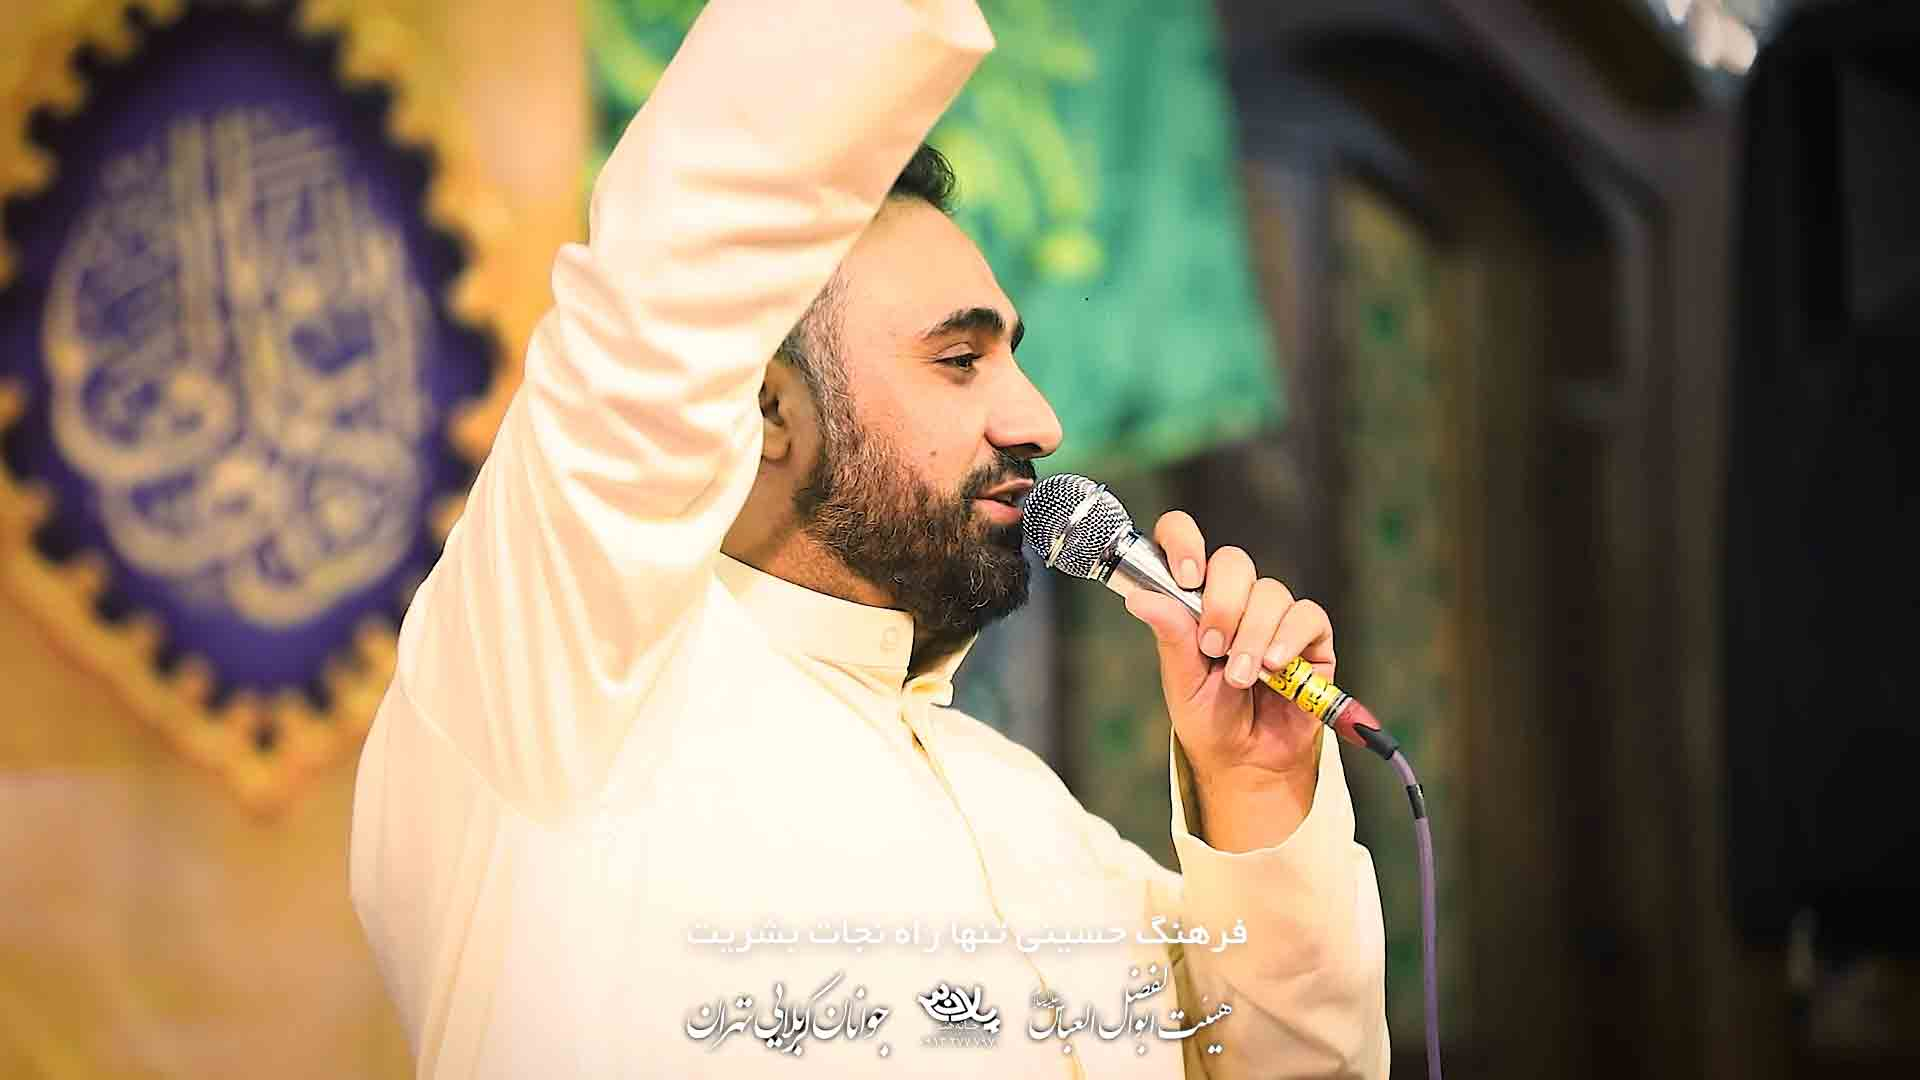 سرود عربی محمد فصولی